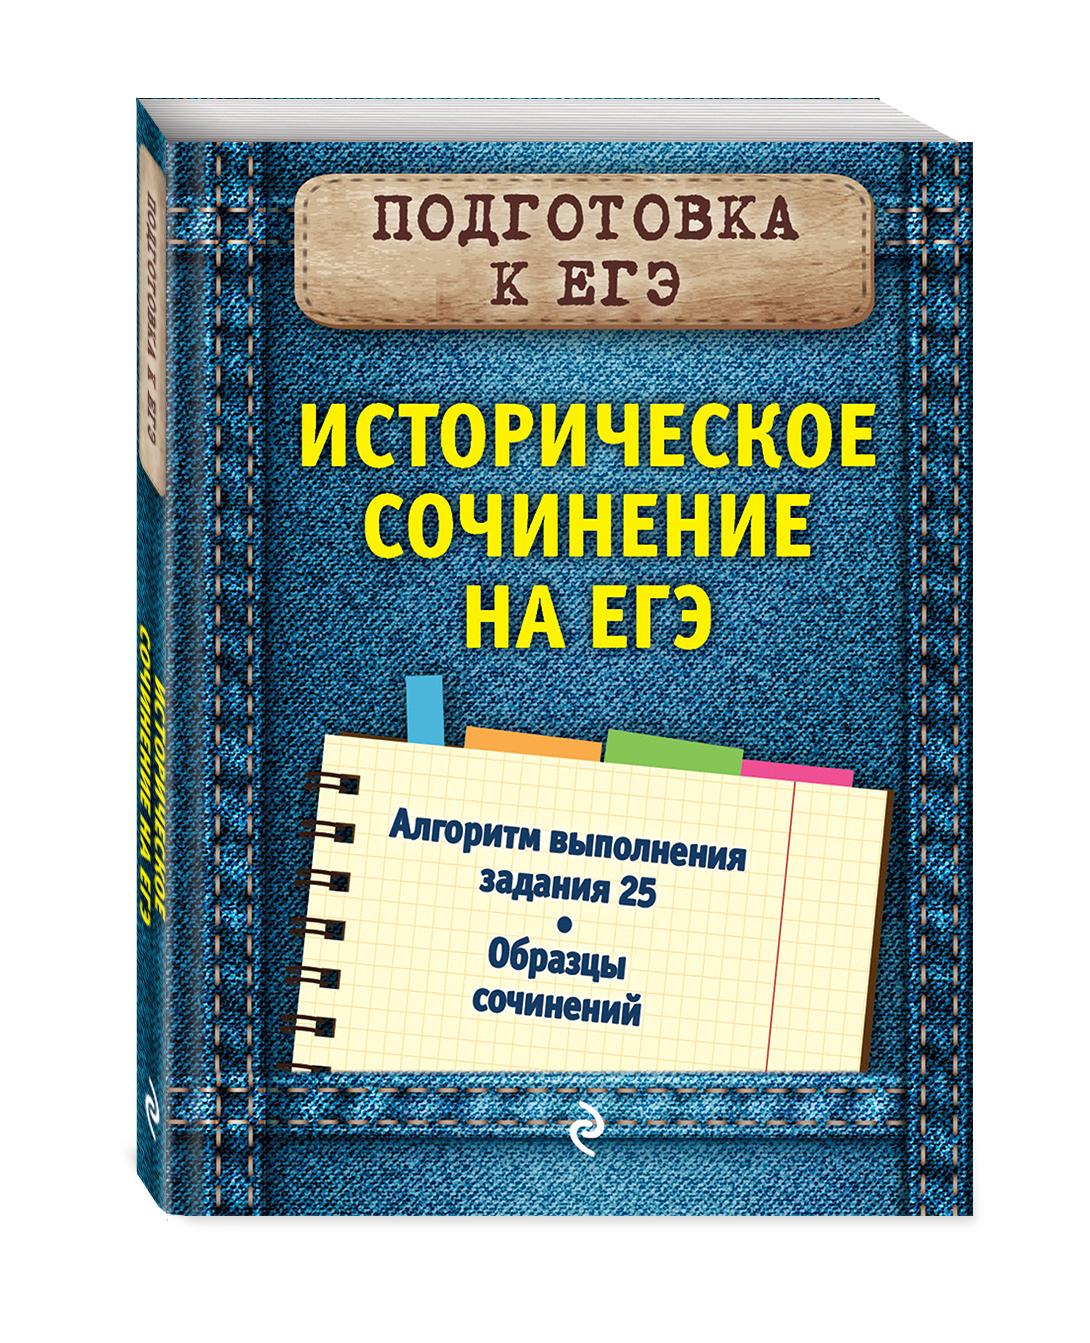 О. В. Кишенкова Историческое сочинение на ЕГЭ ю г войцик егэ 2016 история задание 25 методические рекомендации к написанию исторического сочинения